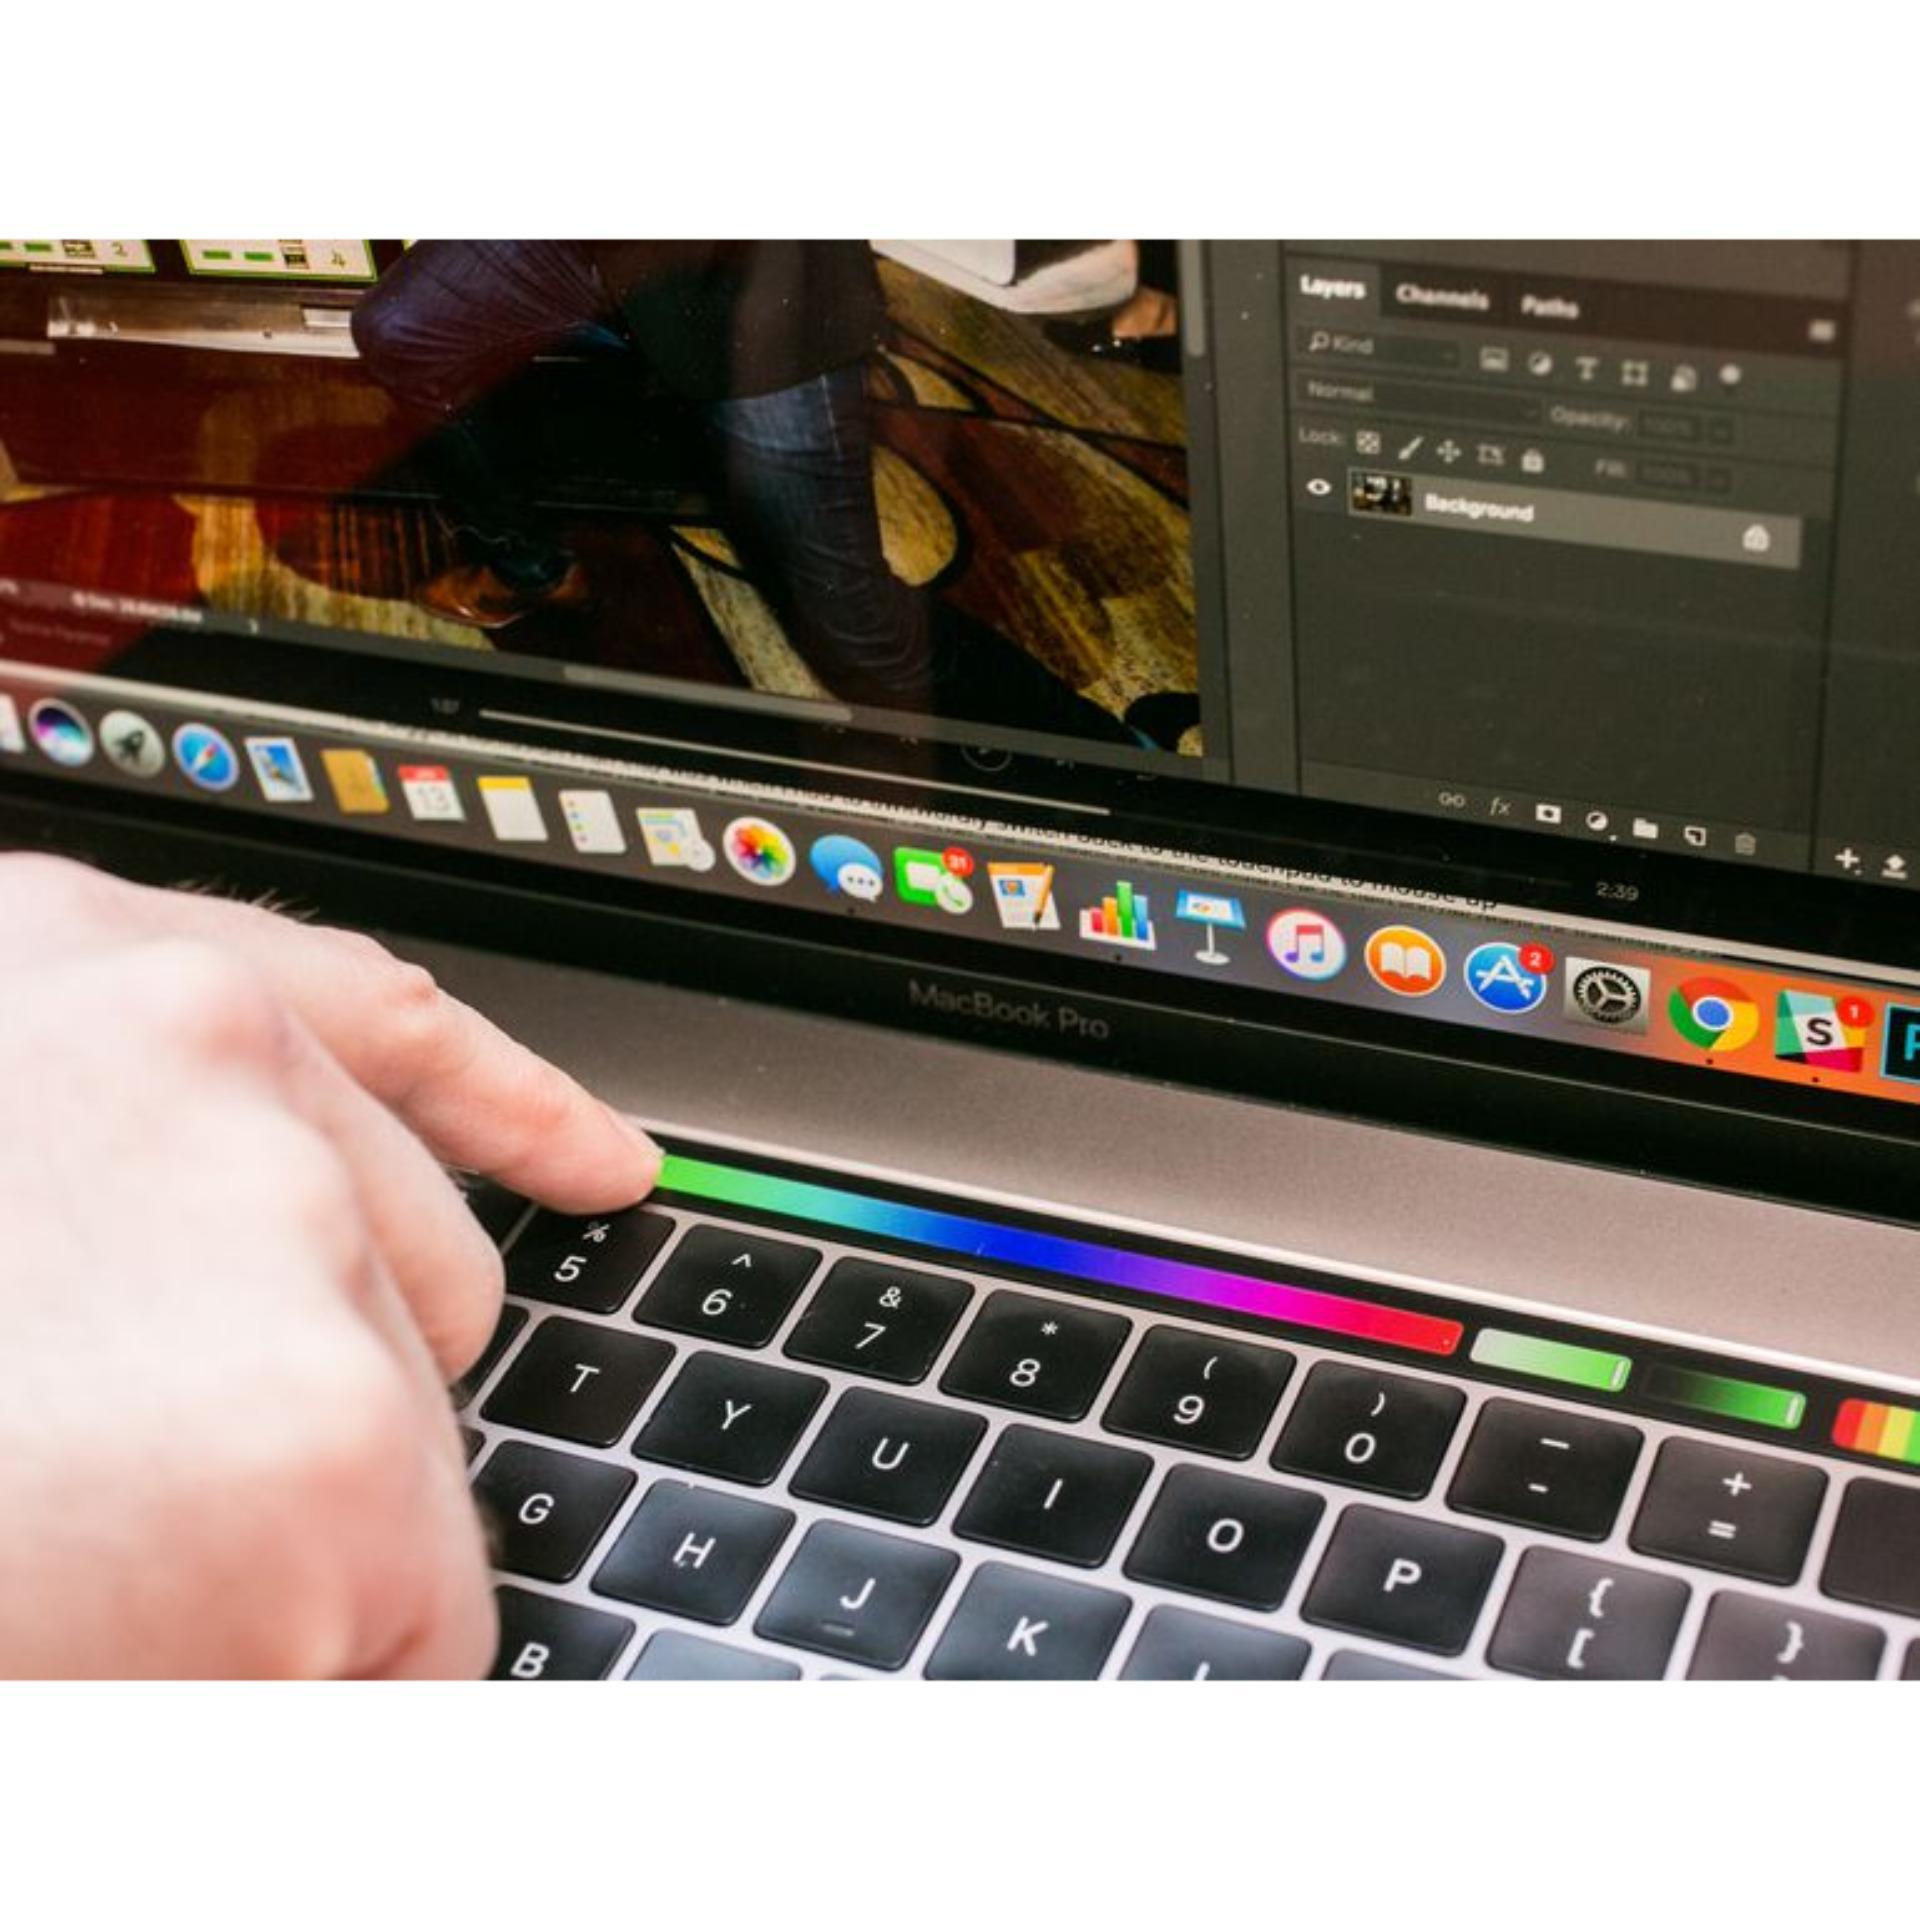 Apple Macbook Pro Mll42 Grey 256gb Ram 8gb Intel Core I5 Garansi 2 Touch Bar Mlw72 Silver 15inch 26ghz Quad I7 16gb Mf840 27